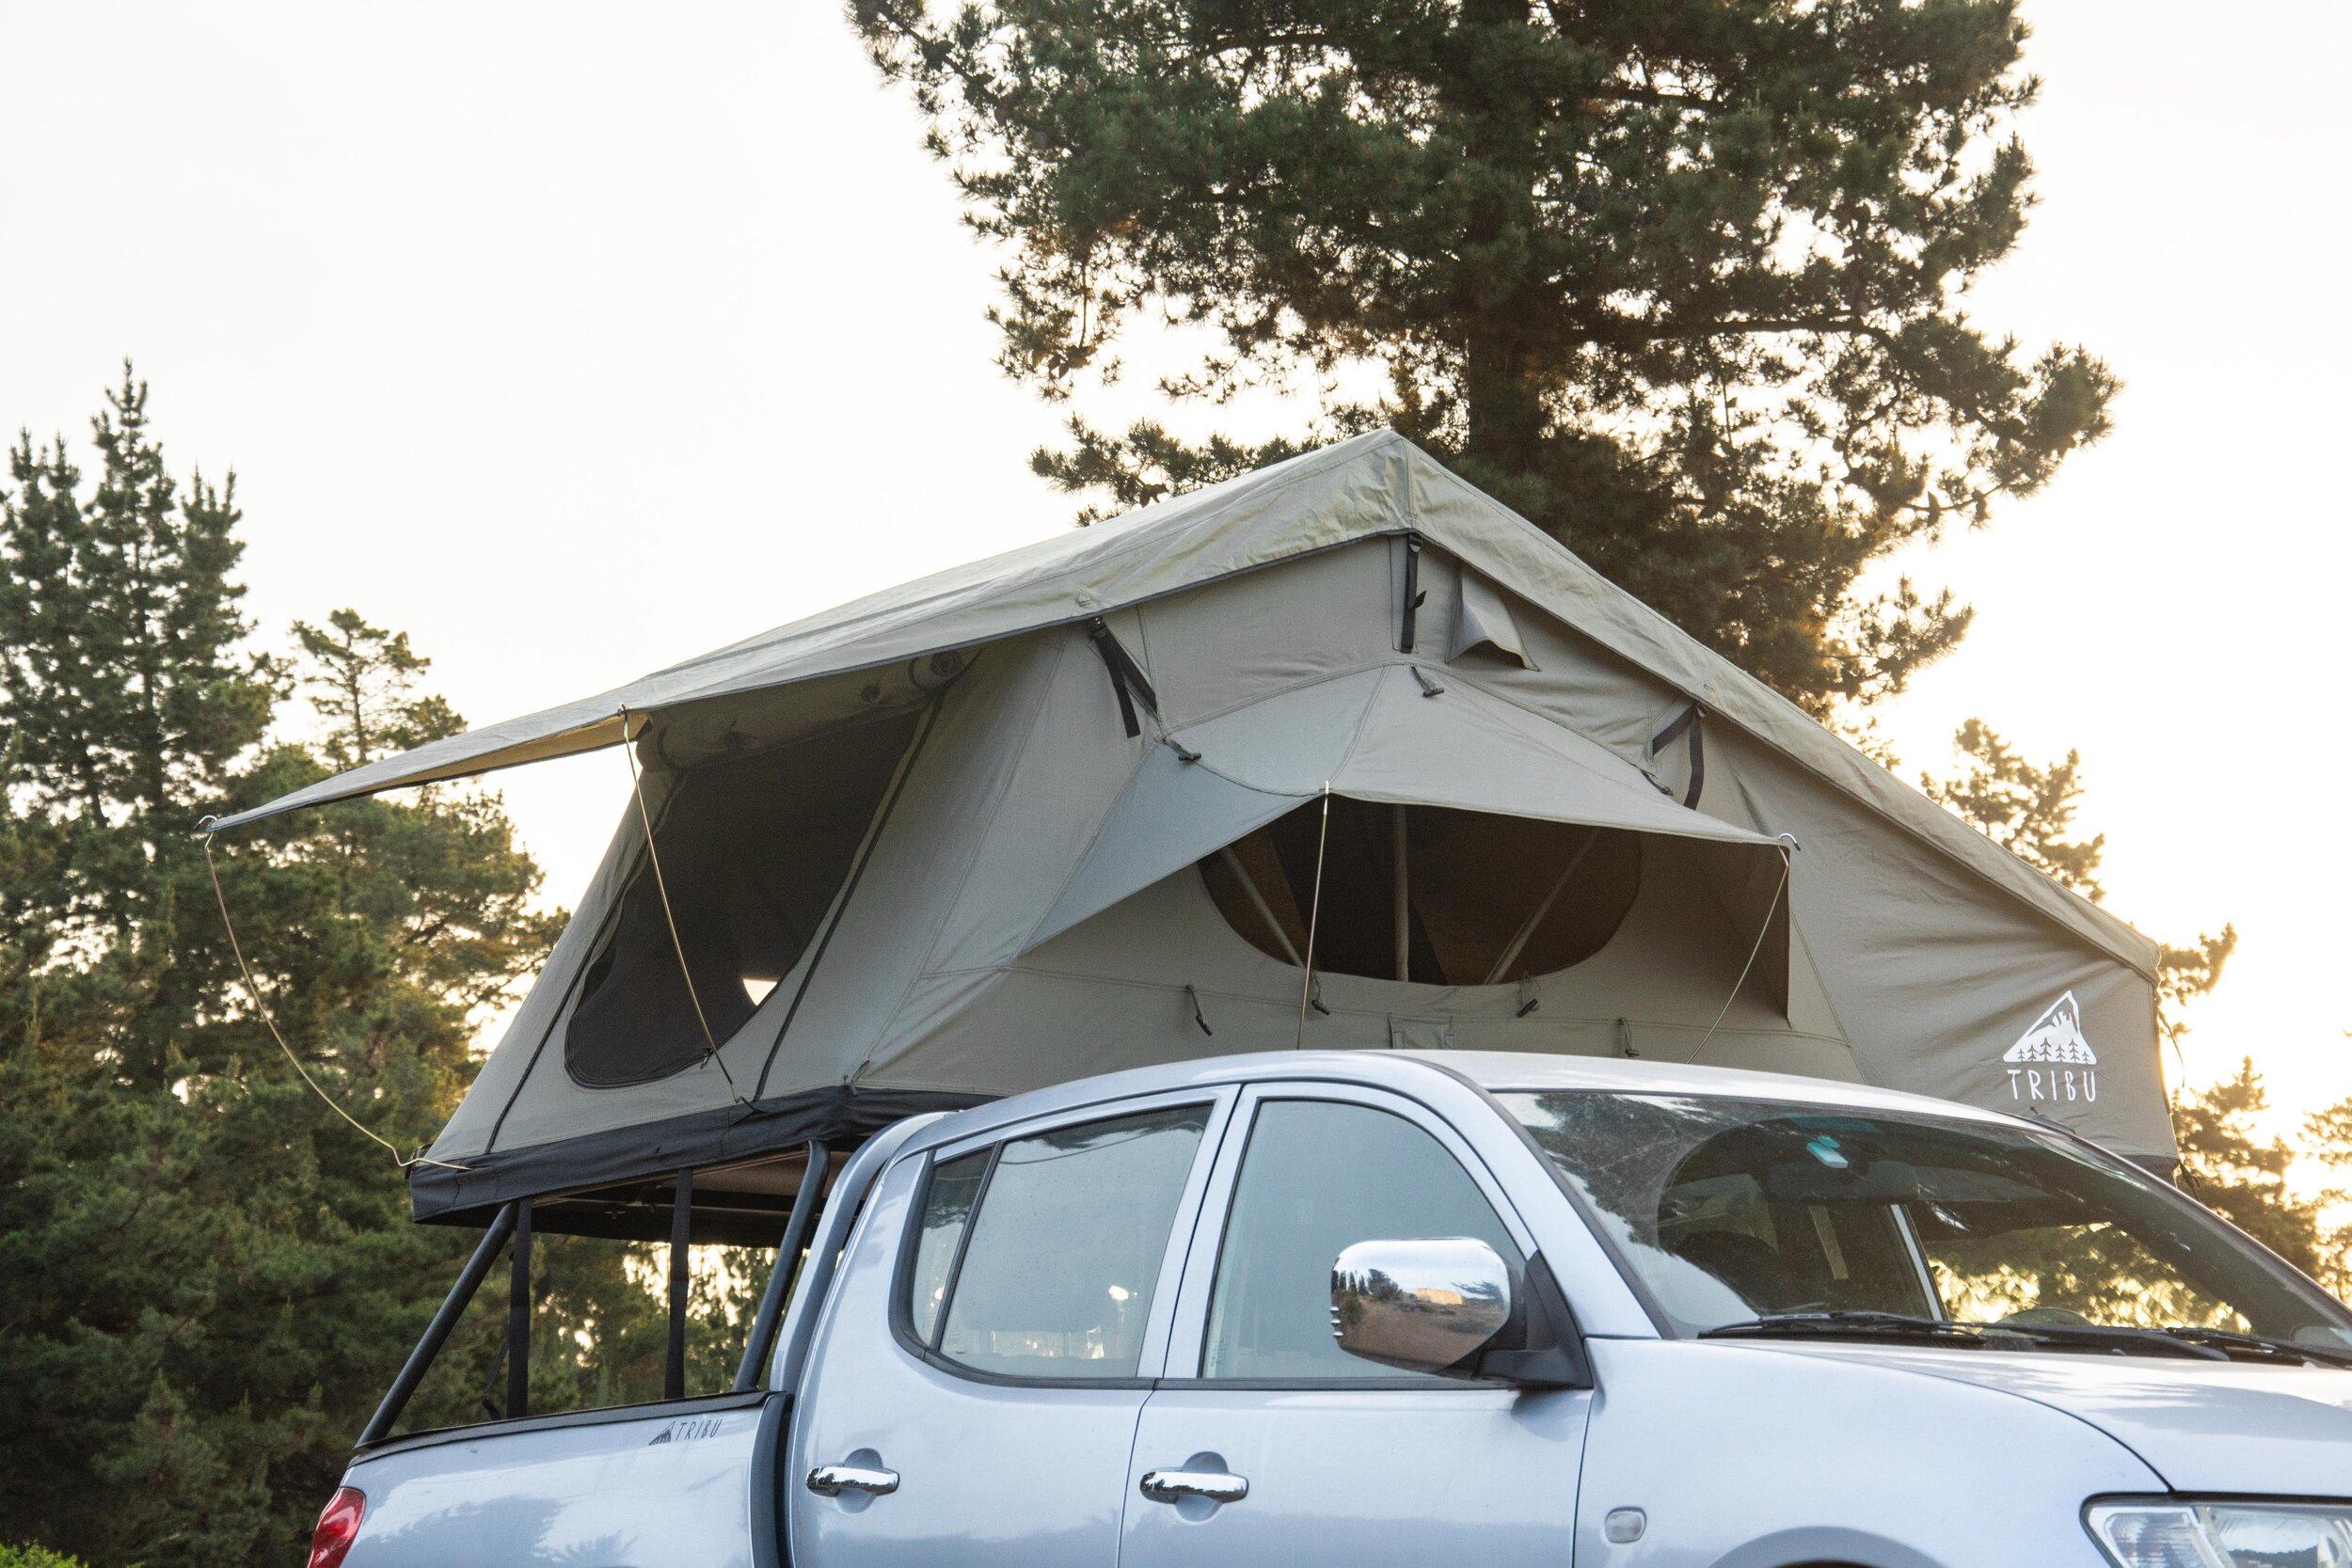 Carpa montada en el techo de una camioneta